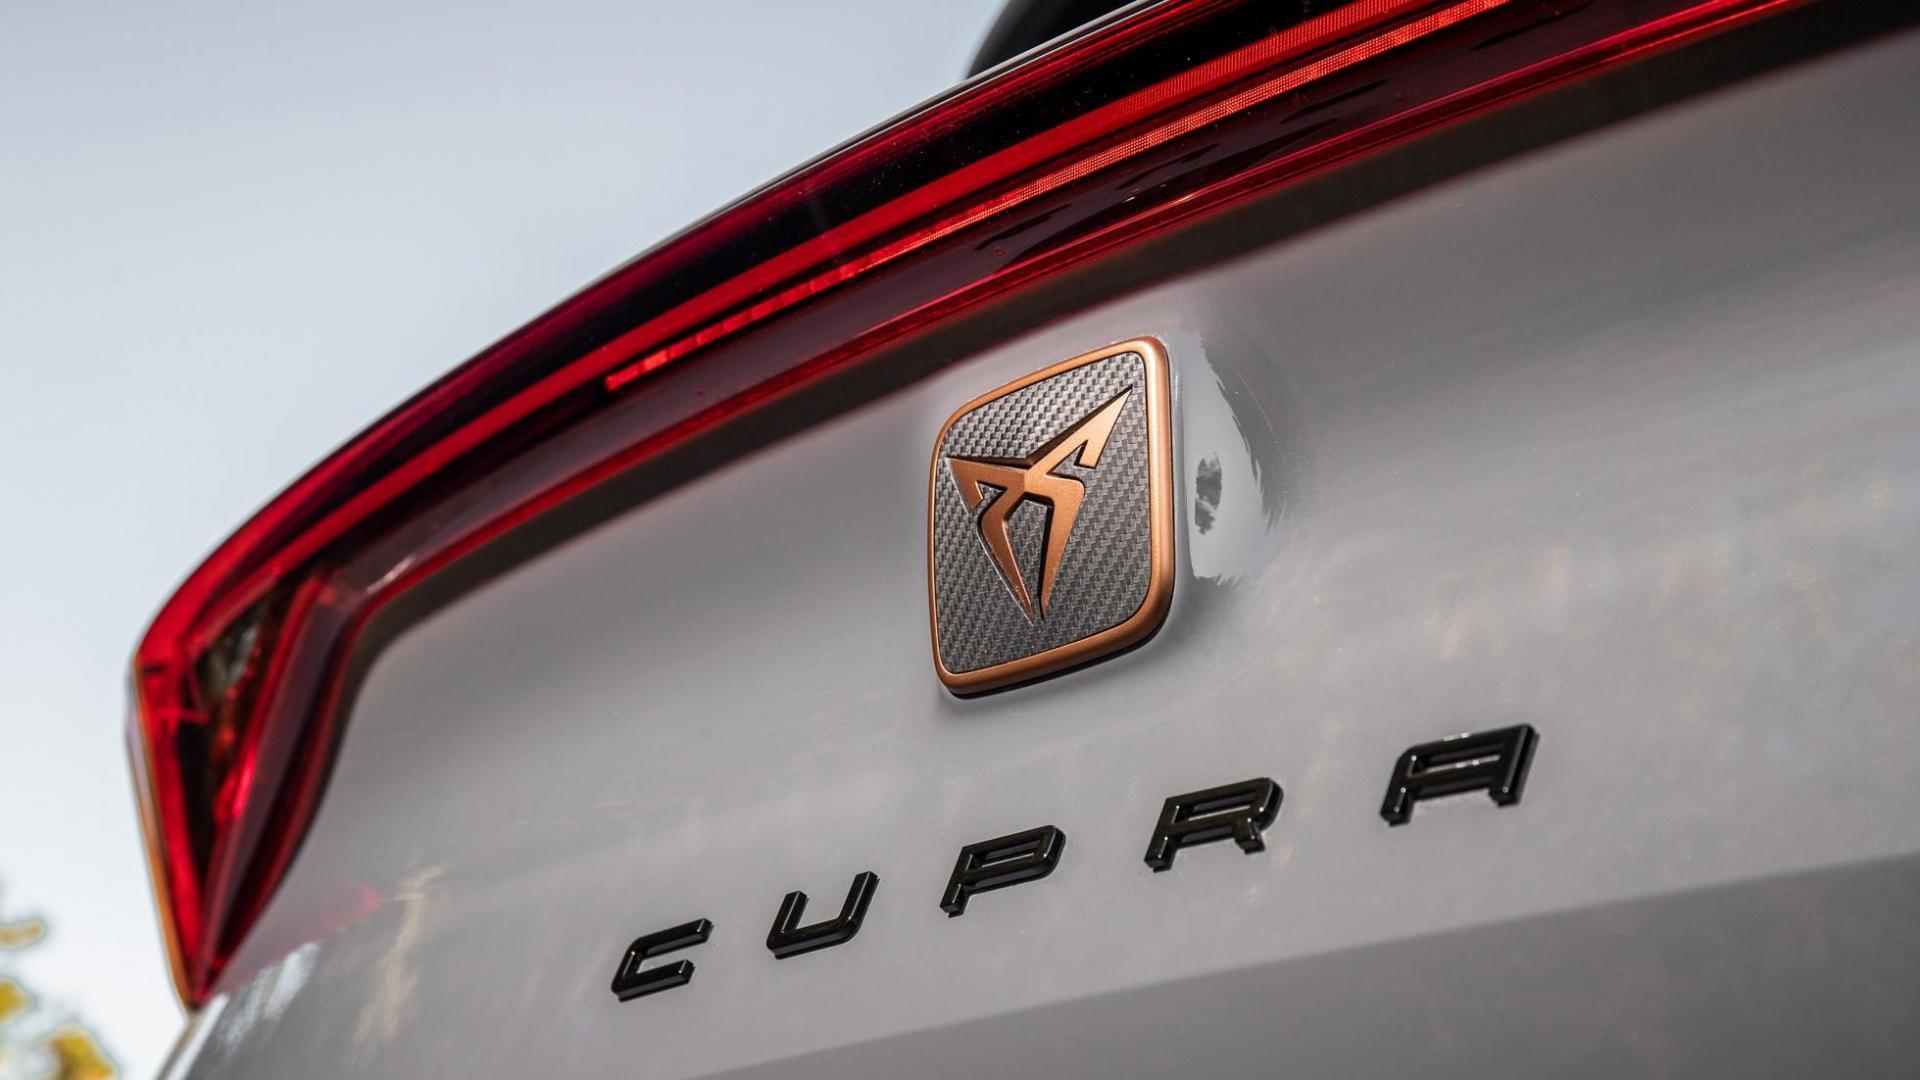 achterklep en badge Cupra Formentor VZ 2.0 TSI 310 4Drive